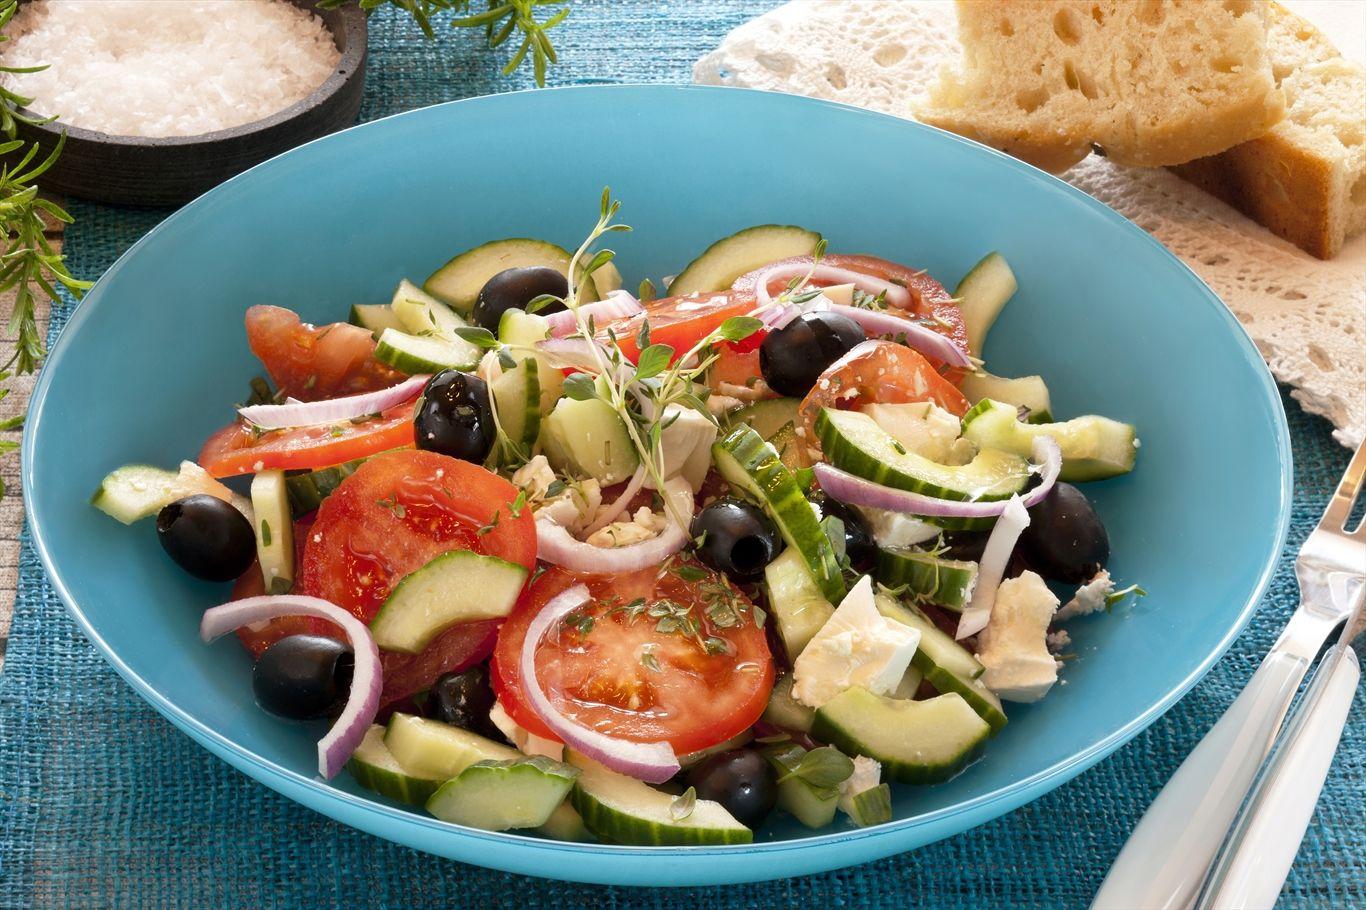 For mange er gresk salat et herlig ferieminne, og salaten lager du lett selv. Den passer til omtrent all slags mat - også som en egen liten smårett med godt brød til.